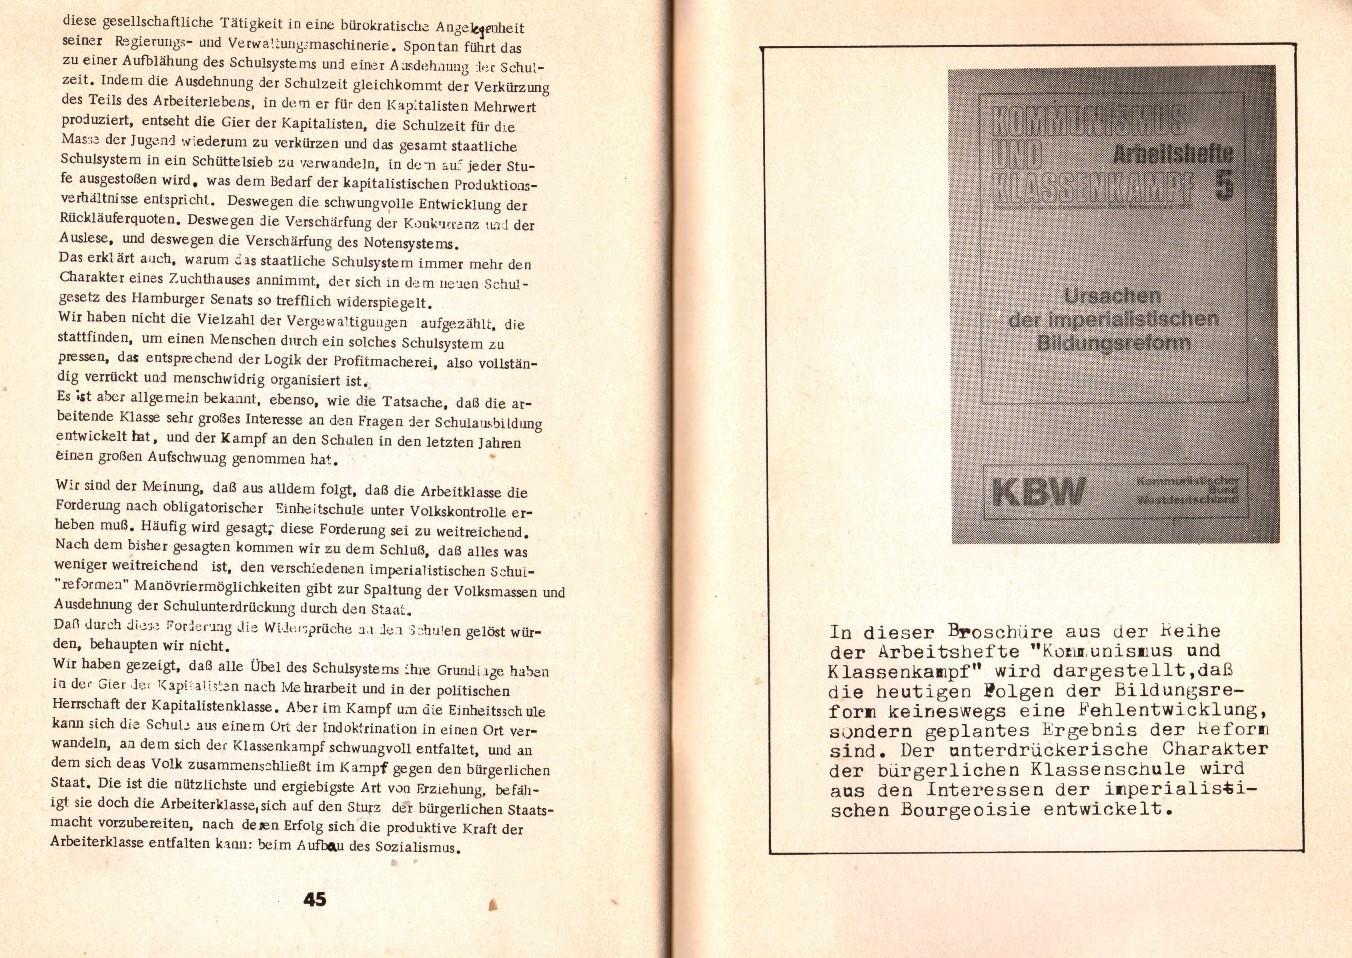 Hamburg_KBW_1976_Das_Schulwesen_seit_1945_25